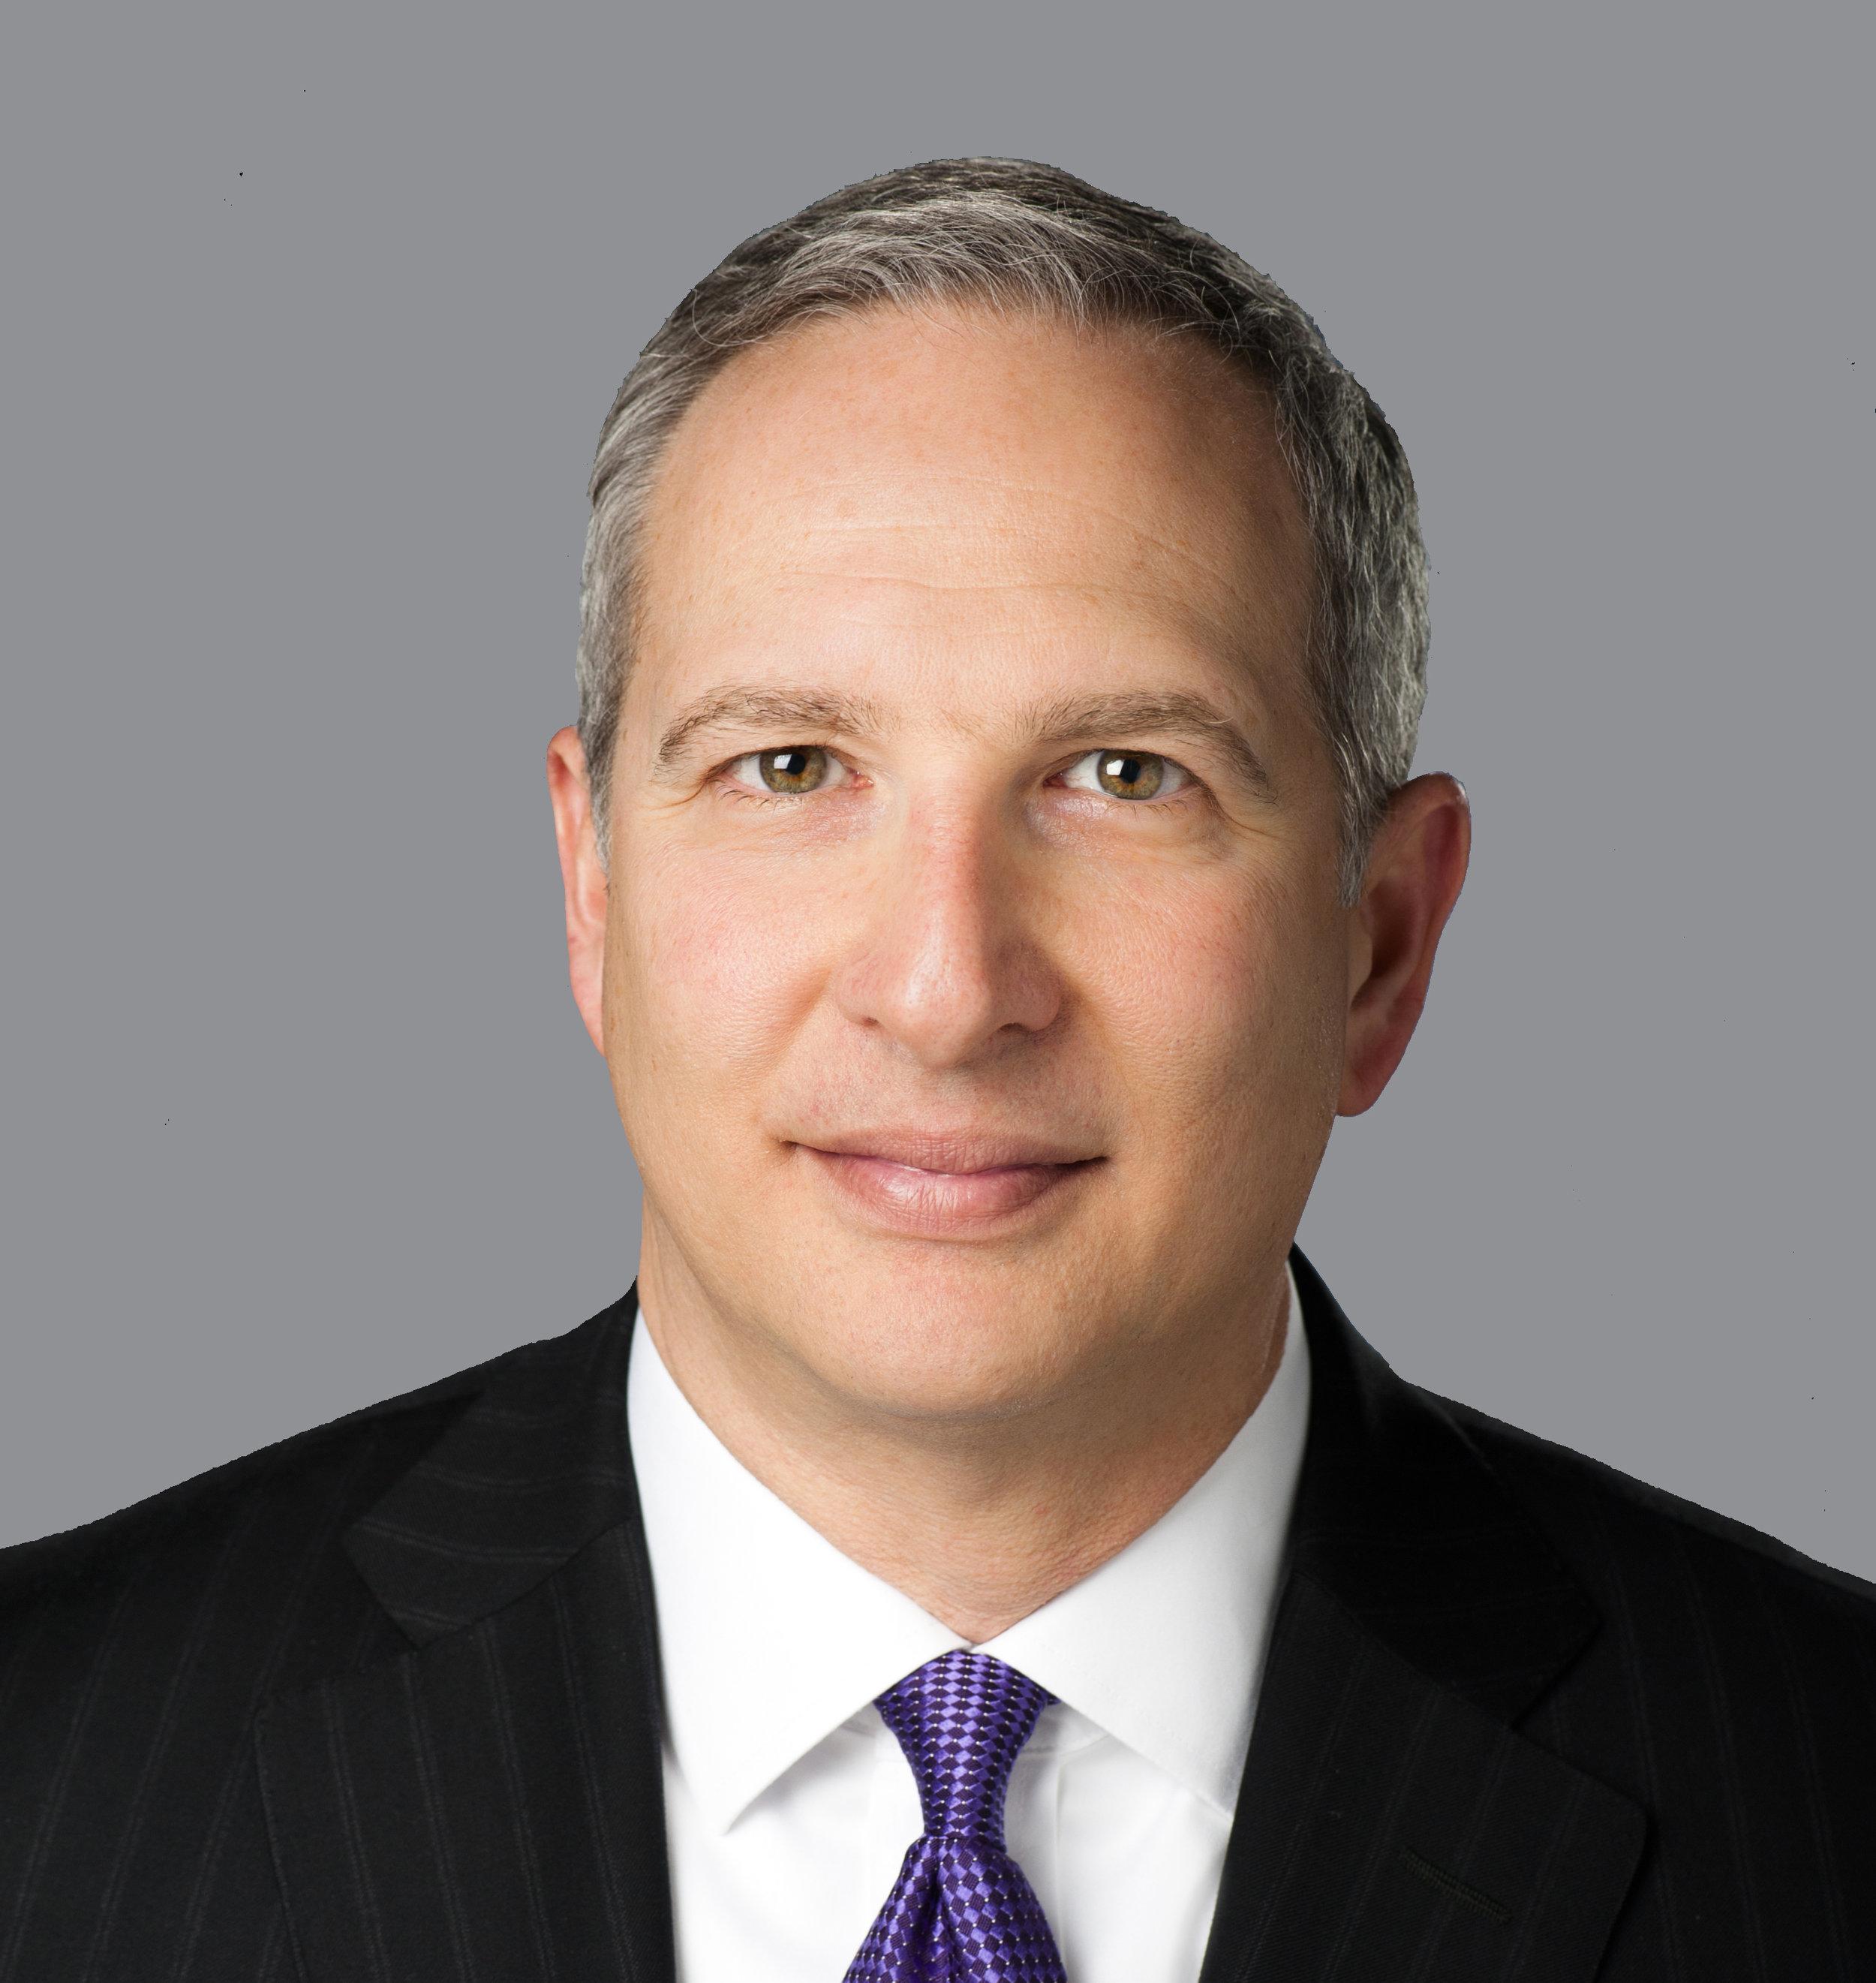 John LaProcido, AIA Managing Principal